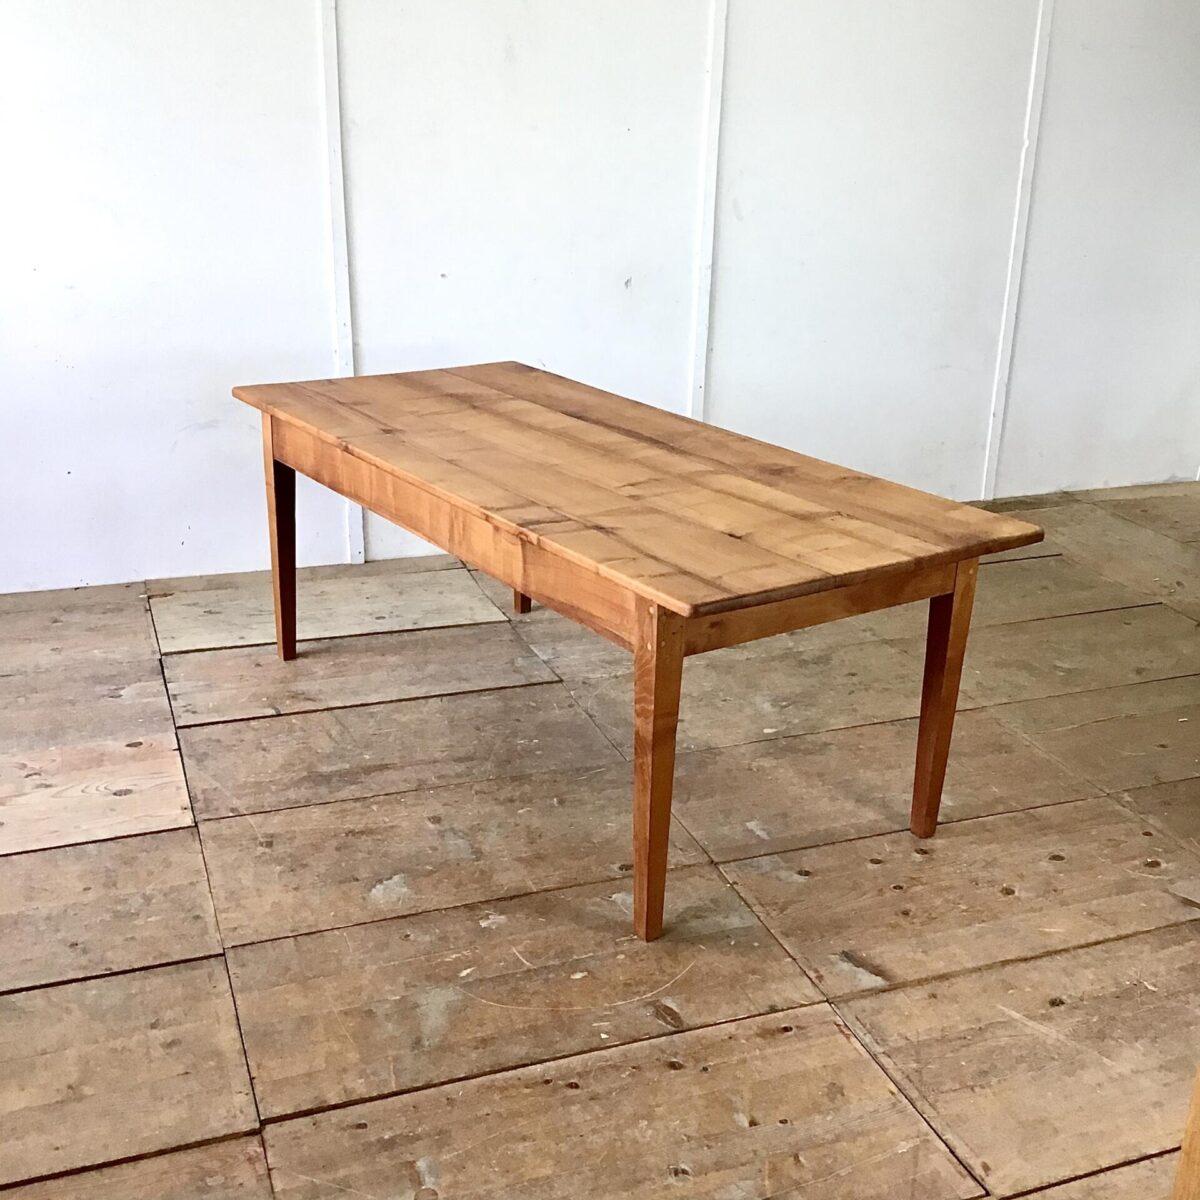 Deuxieme.shop Biedermeier Tisch 200cm mal 80cm Höhe 74cm. Kirschbaum Massivholz Esstisch mit schlichten Biedermeier Füssen. Intensive rötliche Farbe und lebendige holz Maserung. Der Tisch bietet Platz für 8 Personen.